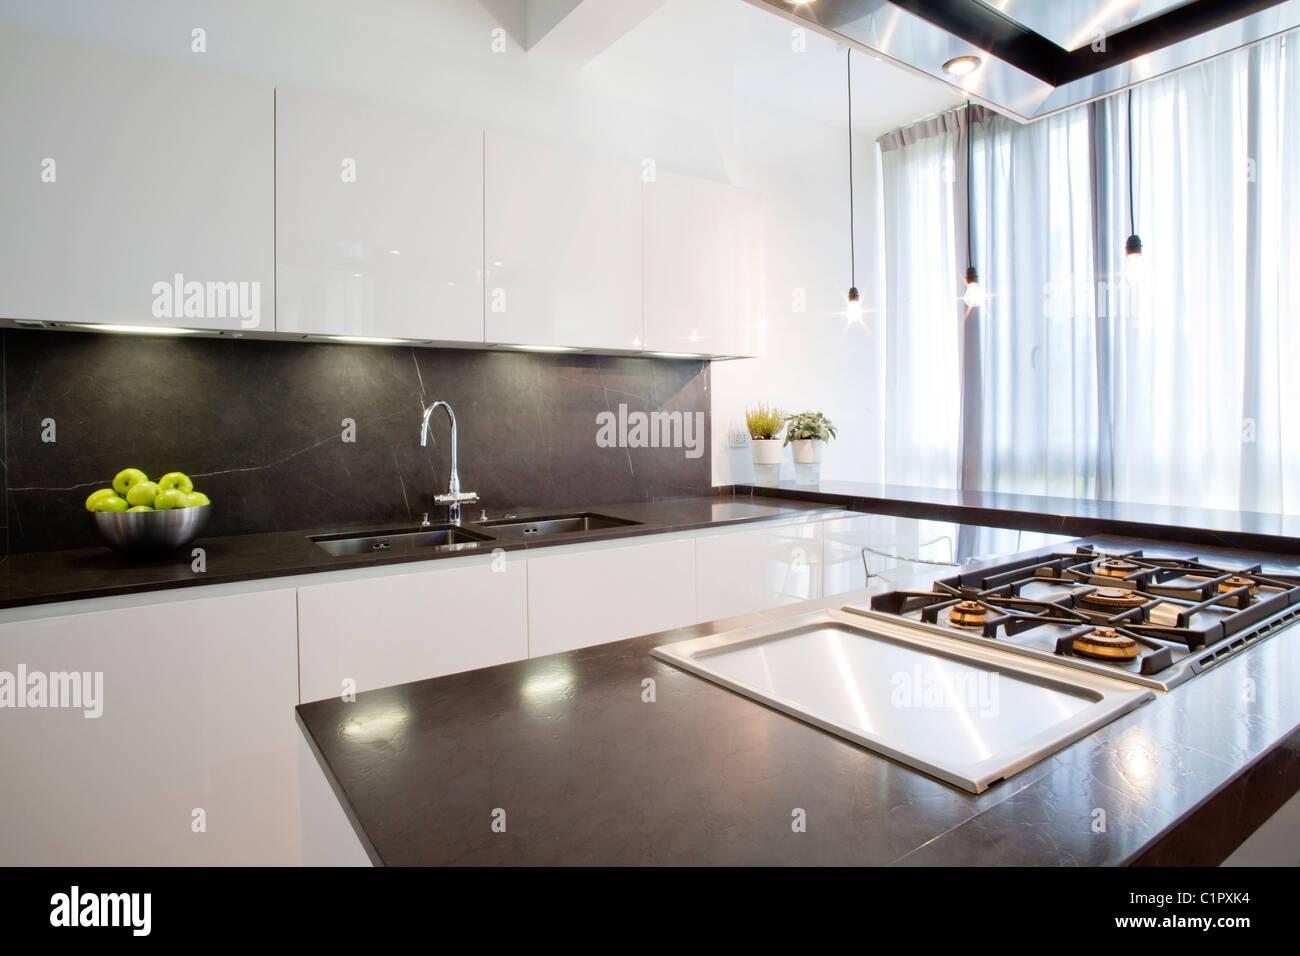 Moderno e di colore bianco lucido lucida cucina con contatore nero ...